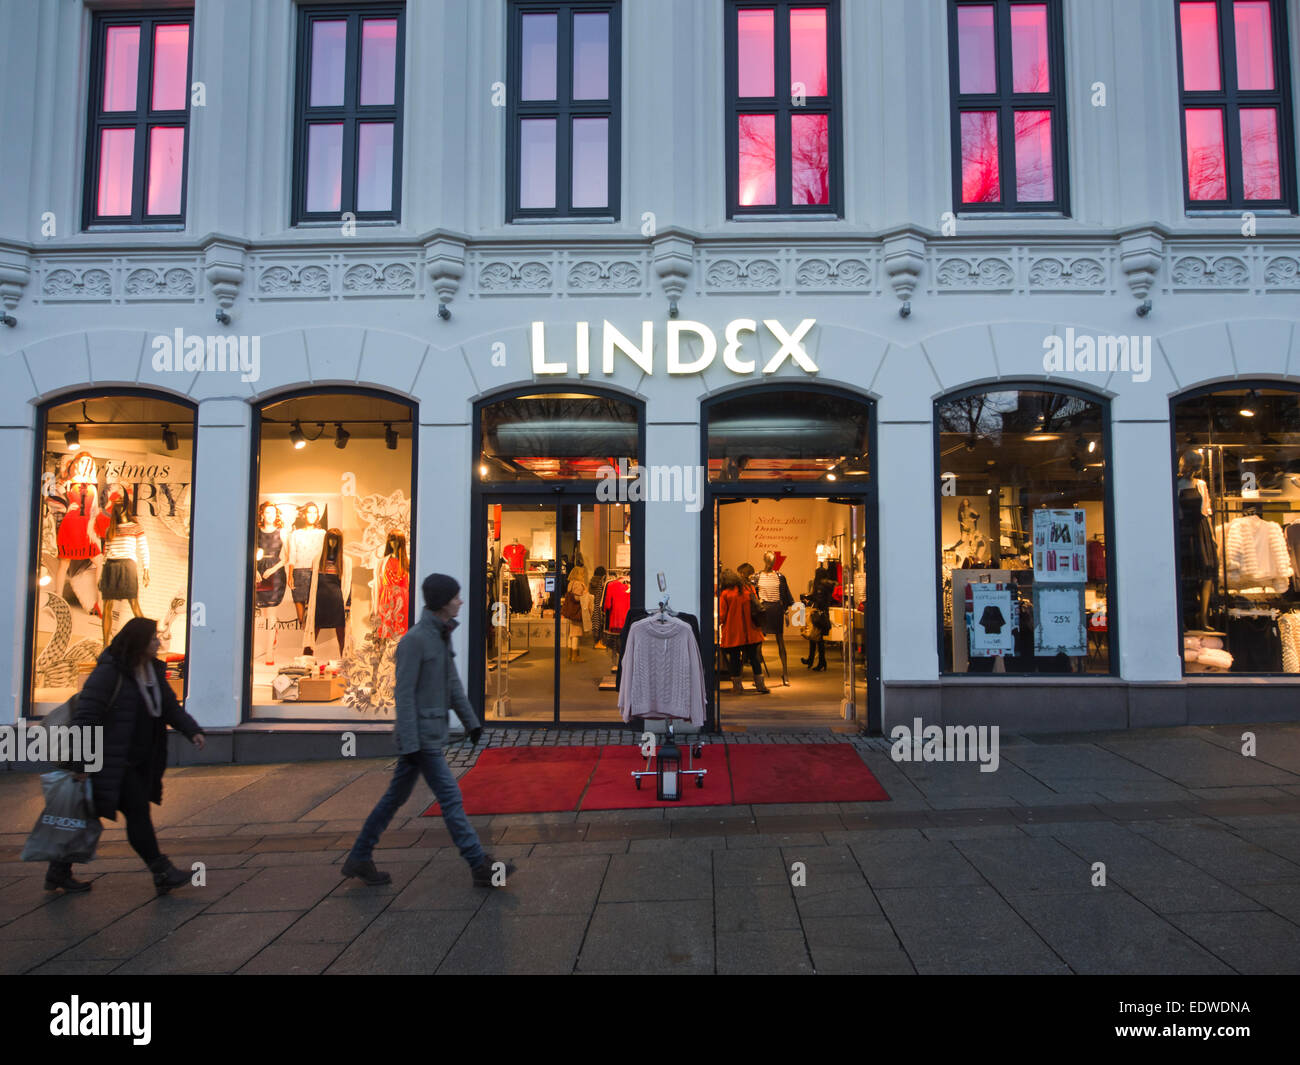 lindex stock photos & lindex stock images - alamy